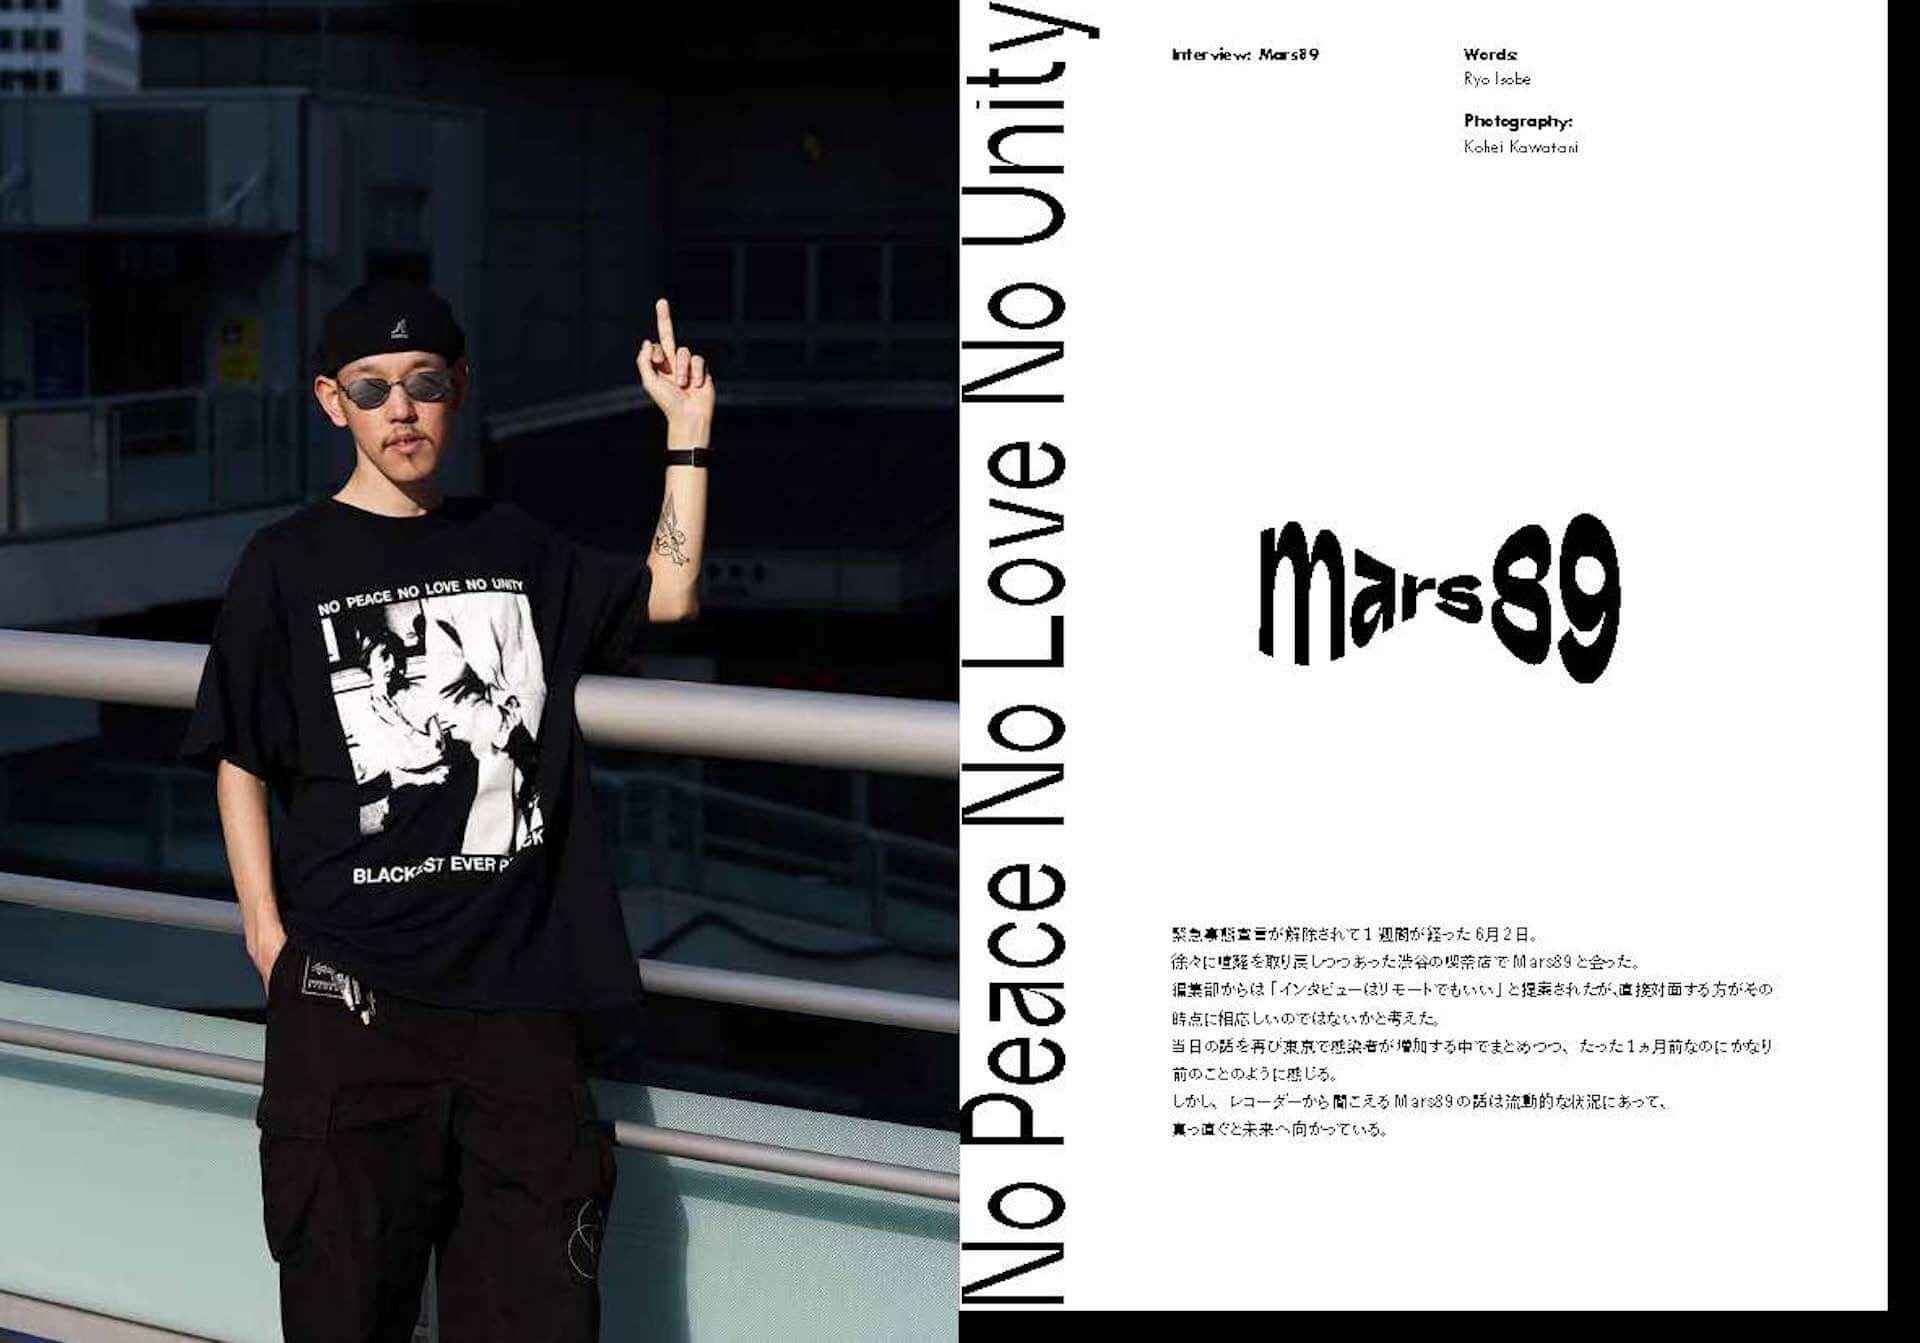 ストリートカルチャーマガジン『DAWN』の特別号が発売決定|tofubeats、マヒトゥ・ザ・ピーポー、Mars89、釈迦坊主らのコロナ禍中を記録 art200814_dawn_7